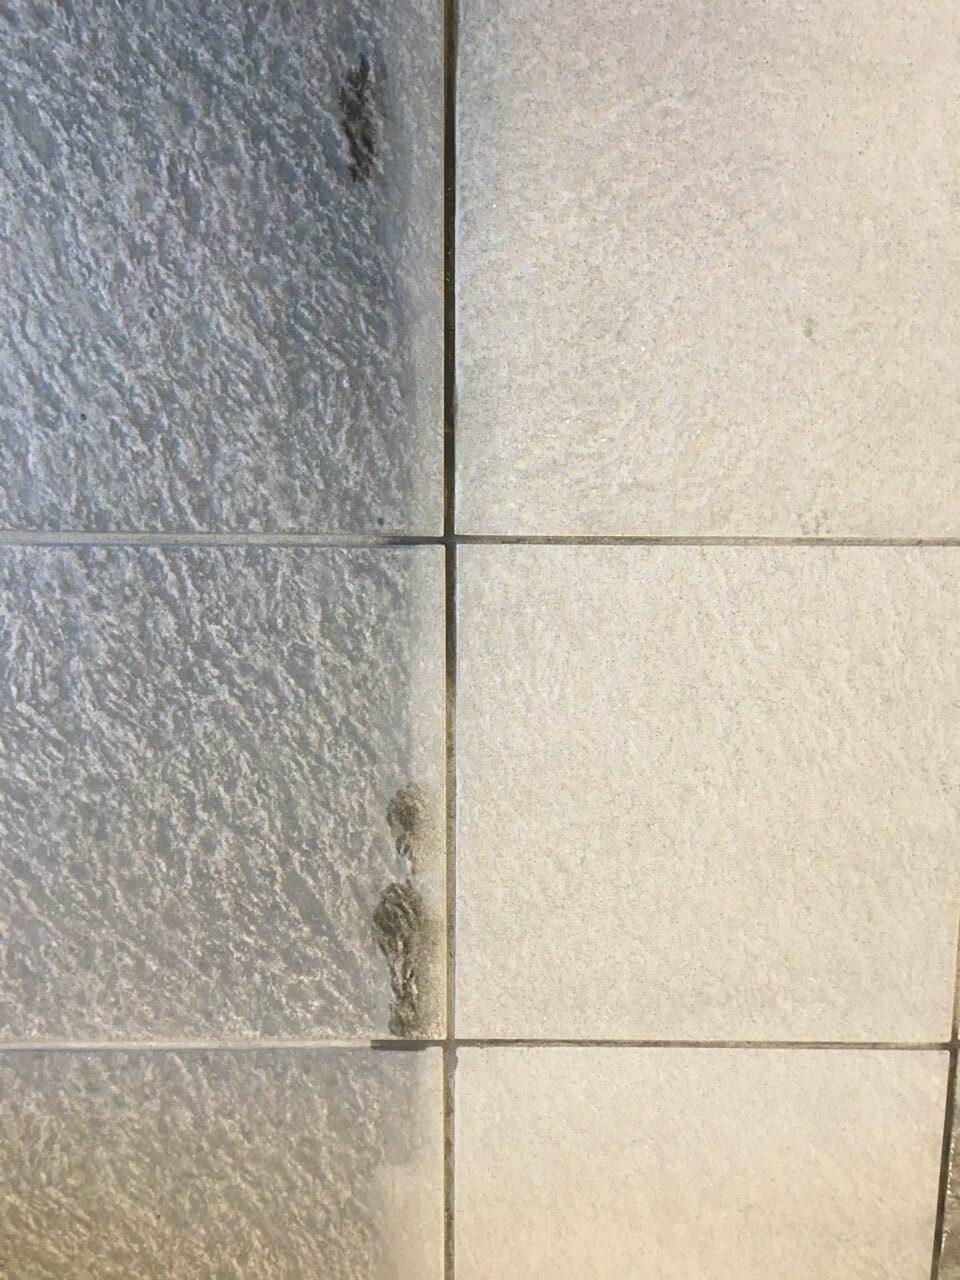 Greslap tisztítása Rotowash padlótisztító géppel